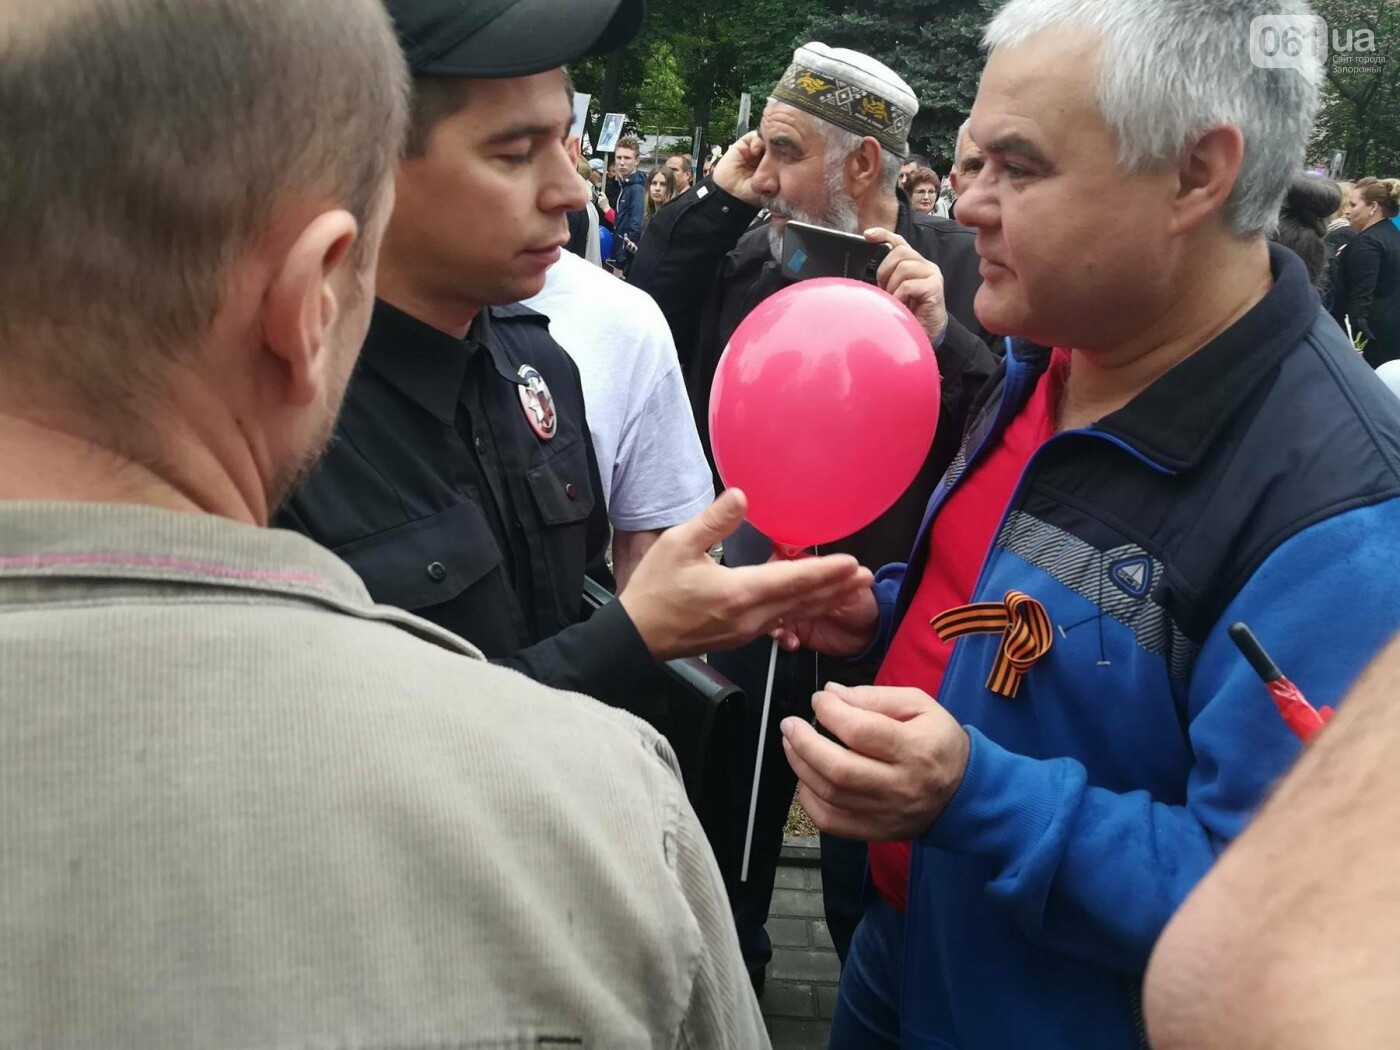 В Мелитополе митинг Балицкого закончился дракой - полиция просила снять георгиевские ленты, - ФОТО, ВИДЕО, фото-7